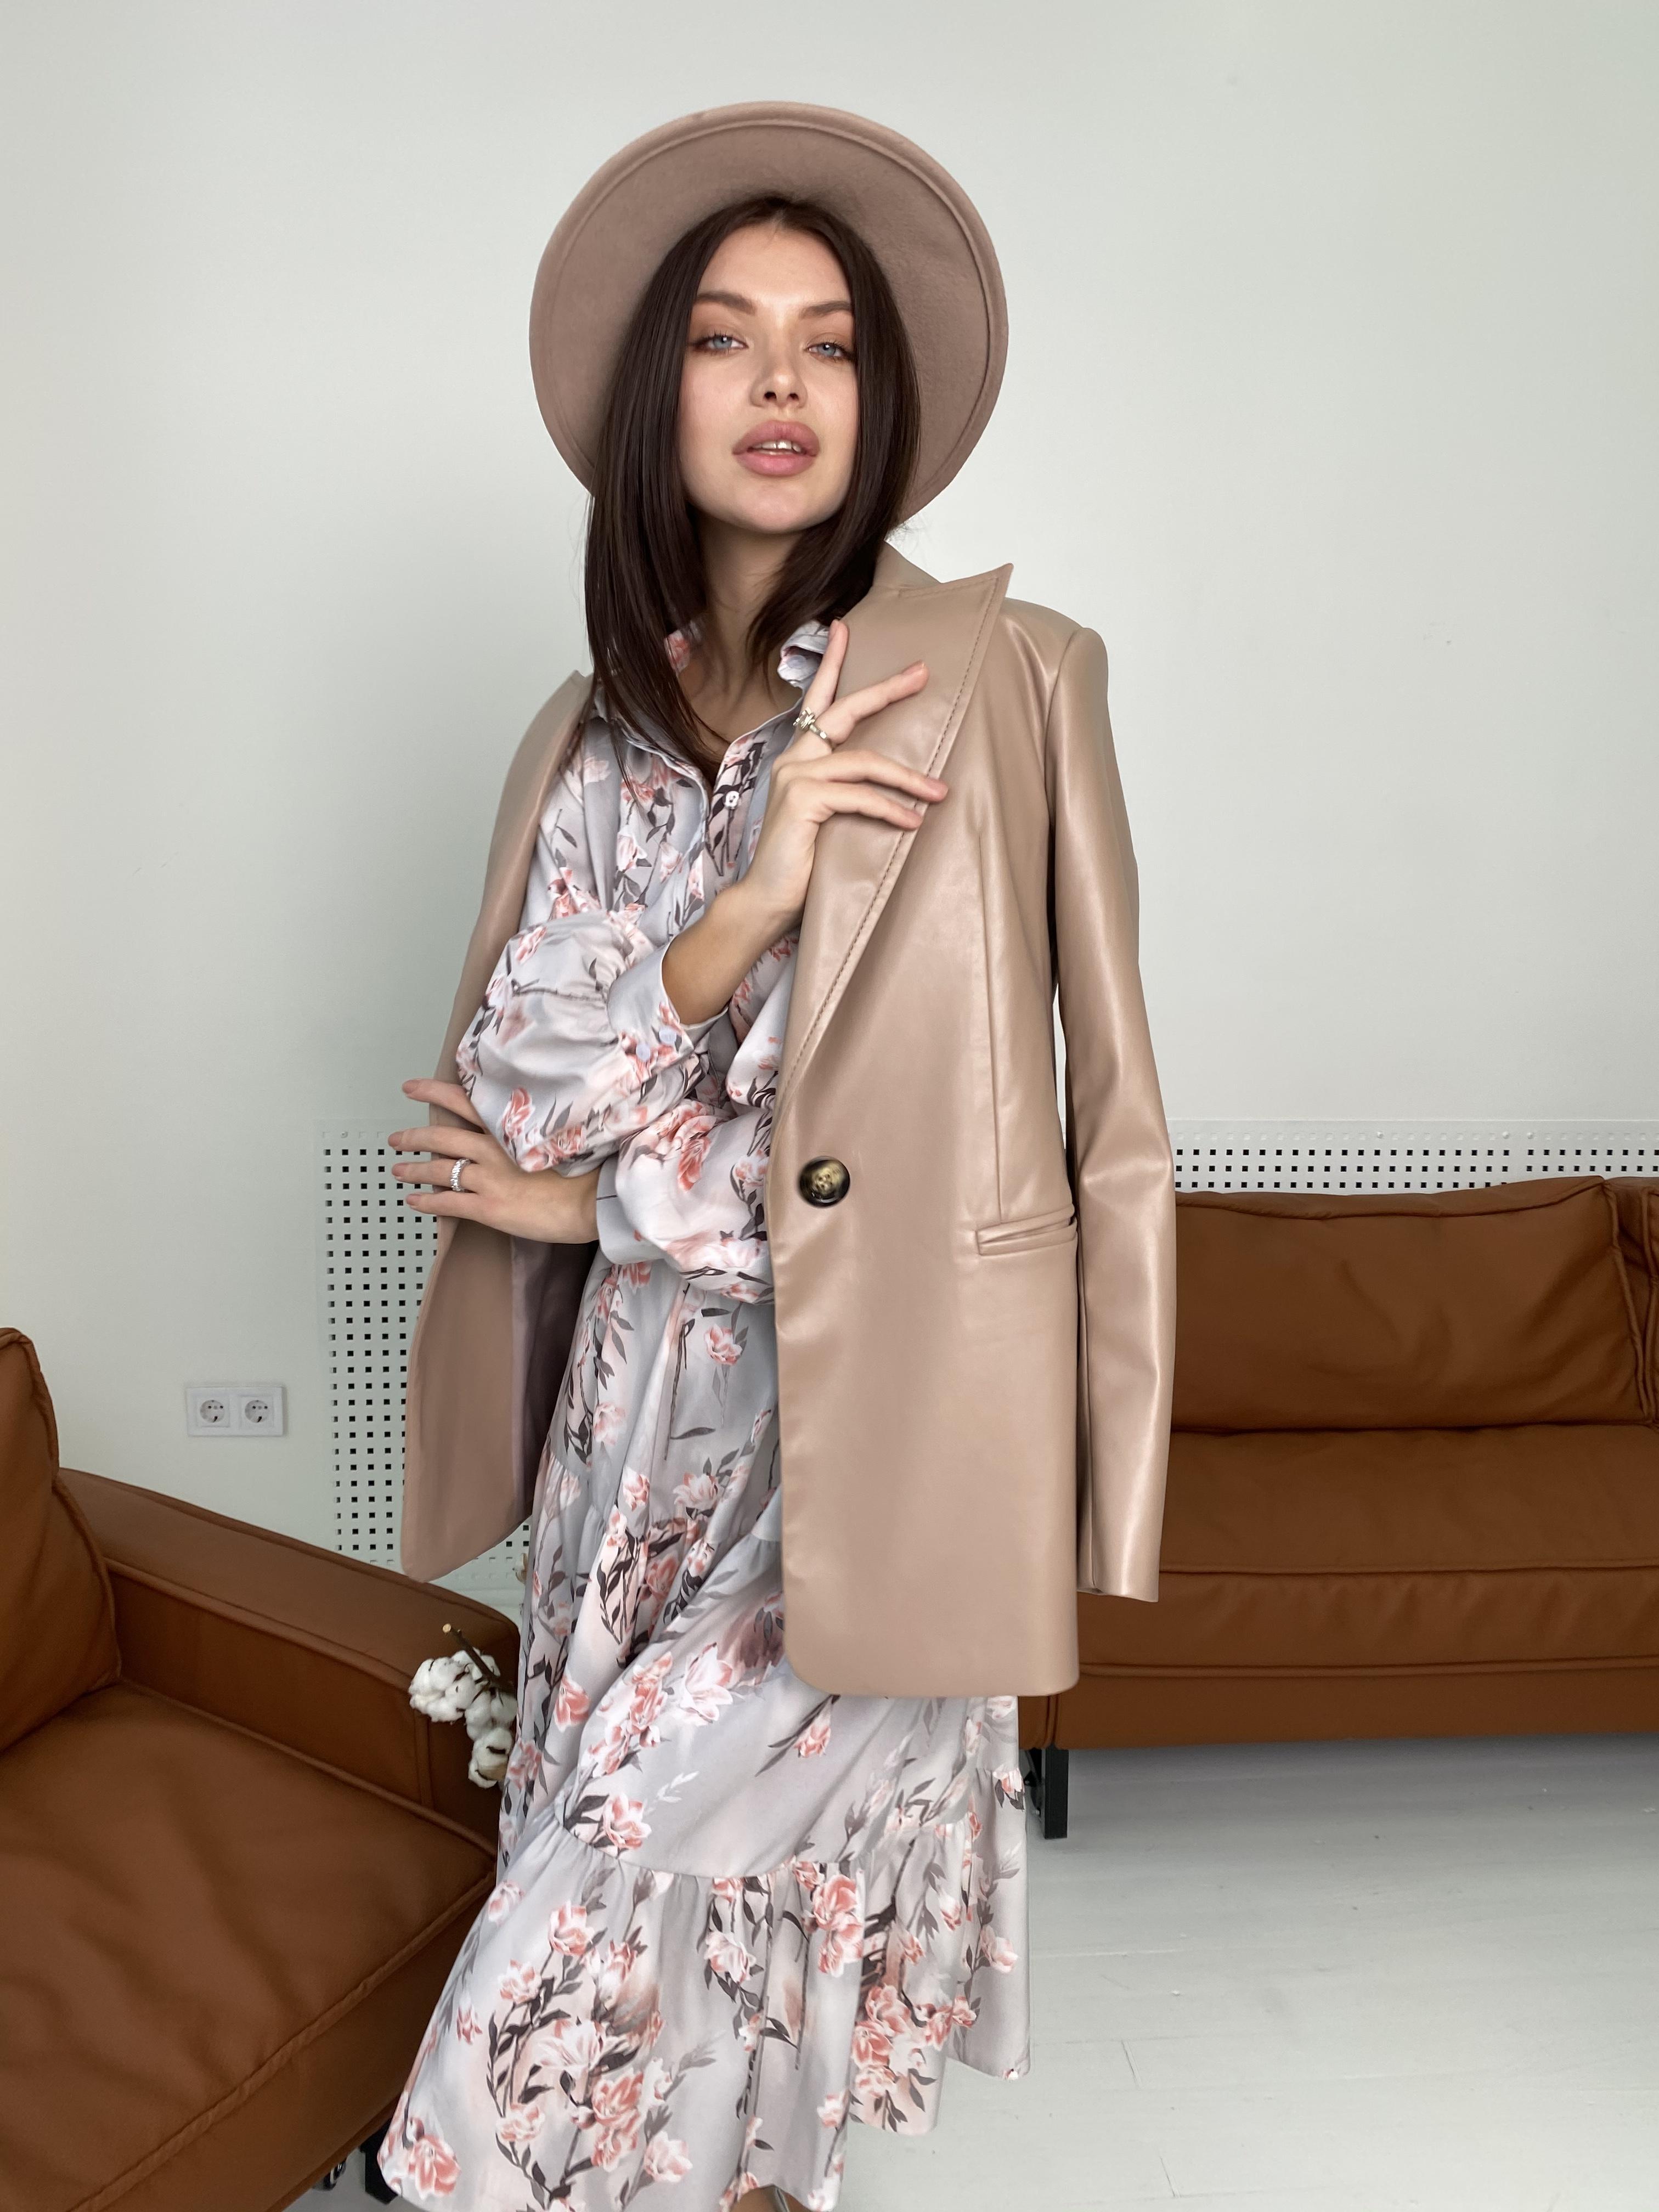 Лилия платье в цветочный принт 9712 АРТ. 46015 Цвет: Цветы кр/цепи Молоко/пудра - фото 8, интернет магазин tm-modus.ru